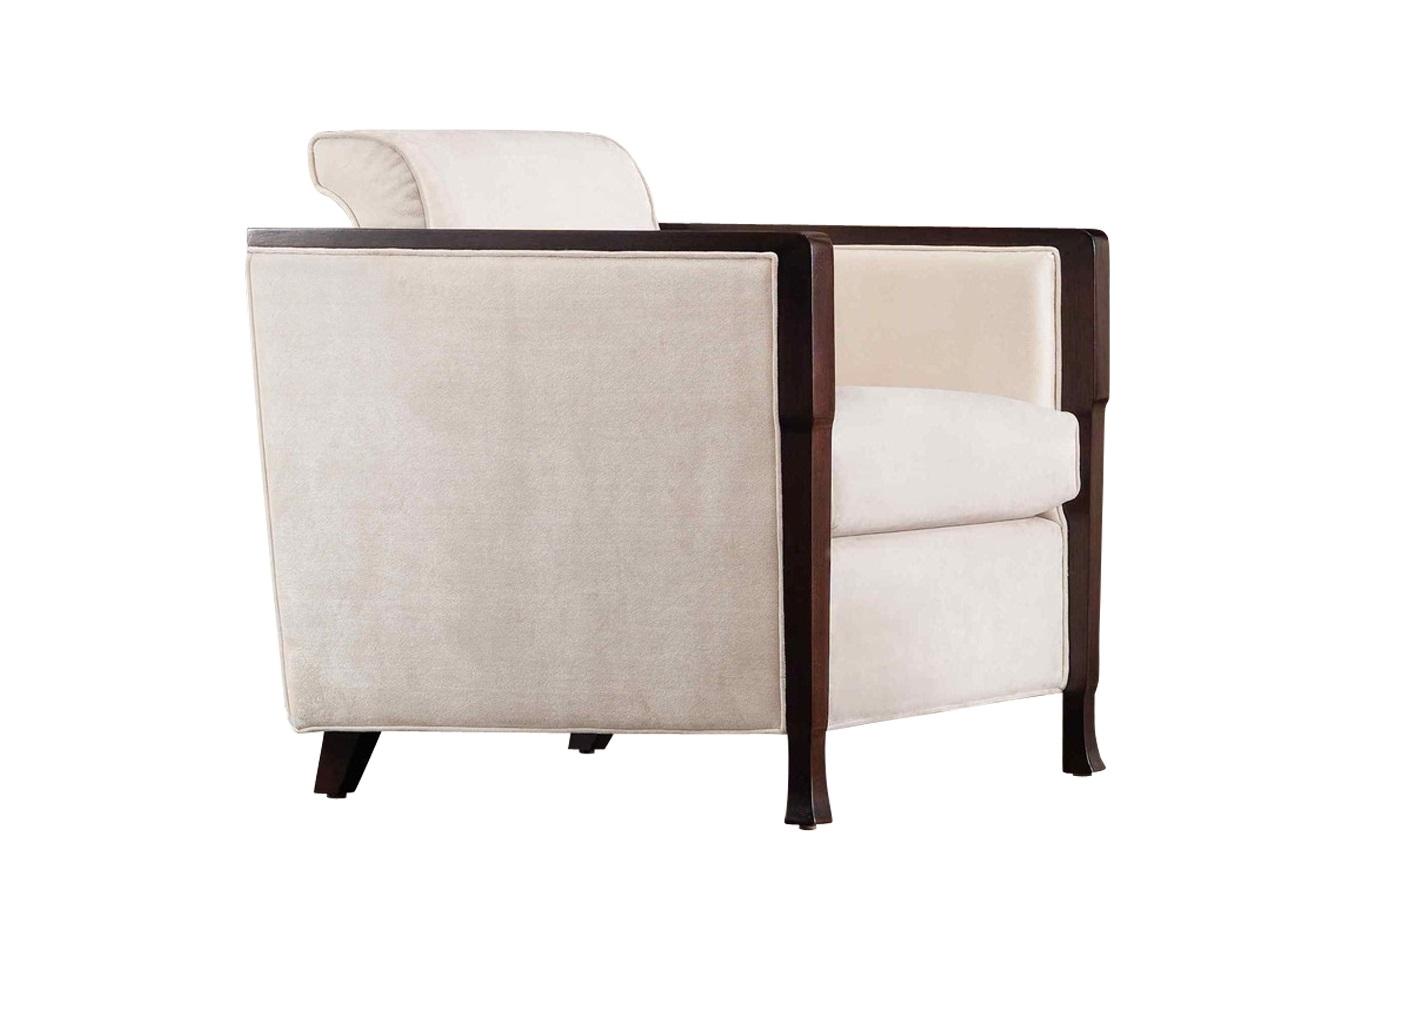 Кресло MESTREИнтерьерные кресла<br>Кресло выполнено в стиле Неоклассика. Обито светло-бежевым велюром. Ножки, фронтальная часть боковинок и подлокотники в отделке шпон махагона. Каркас сделан из массива дерева.<br><br>Material: Текстиль<br>Width см: 72<br>Depth см: 80<br>Height см: 76